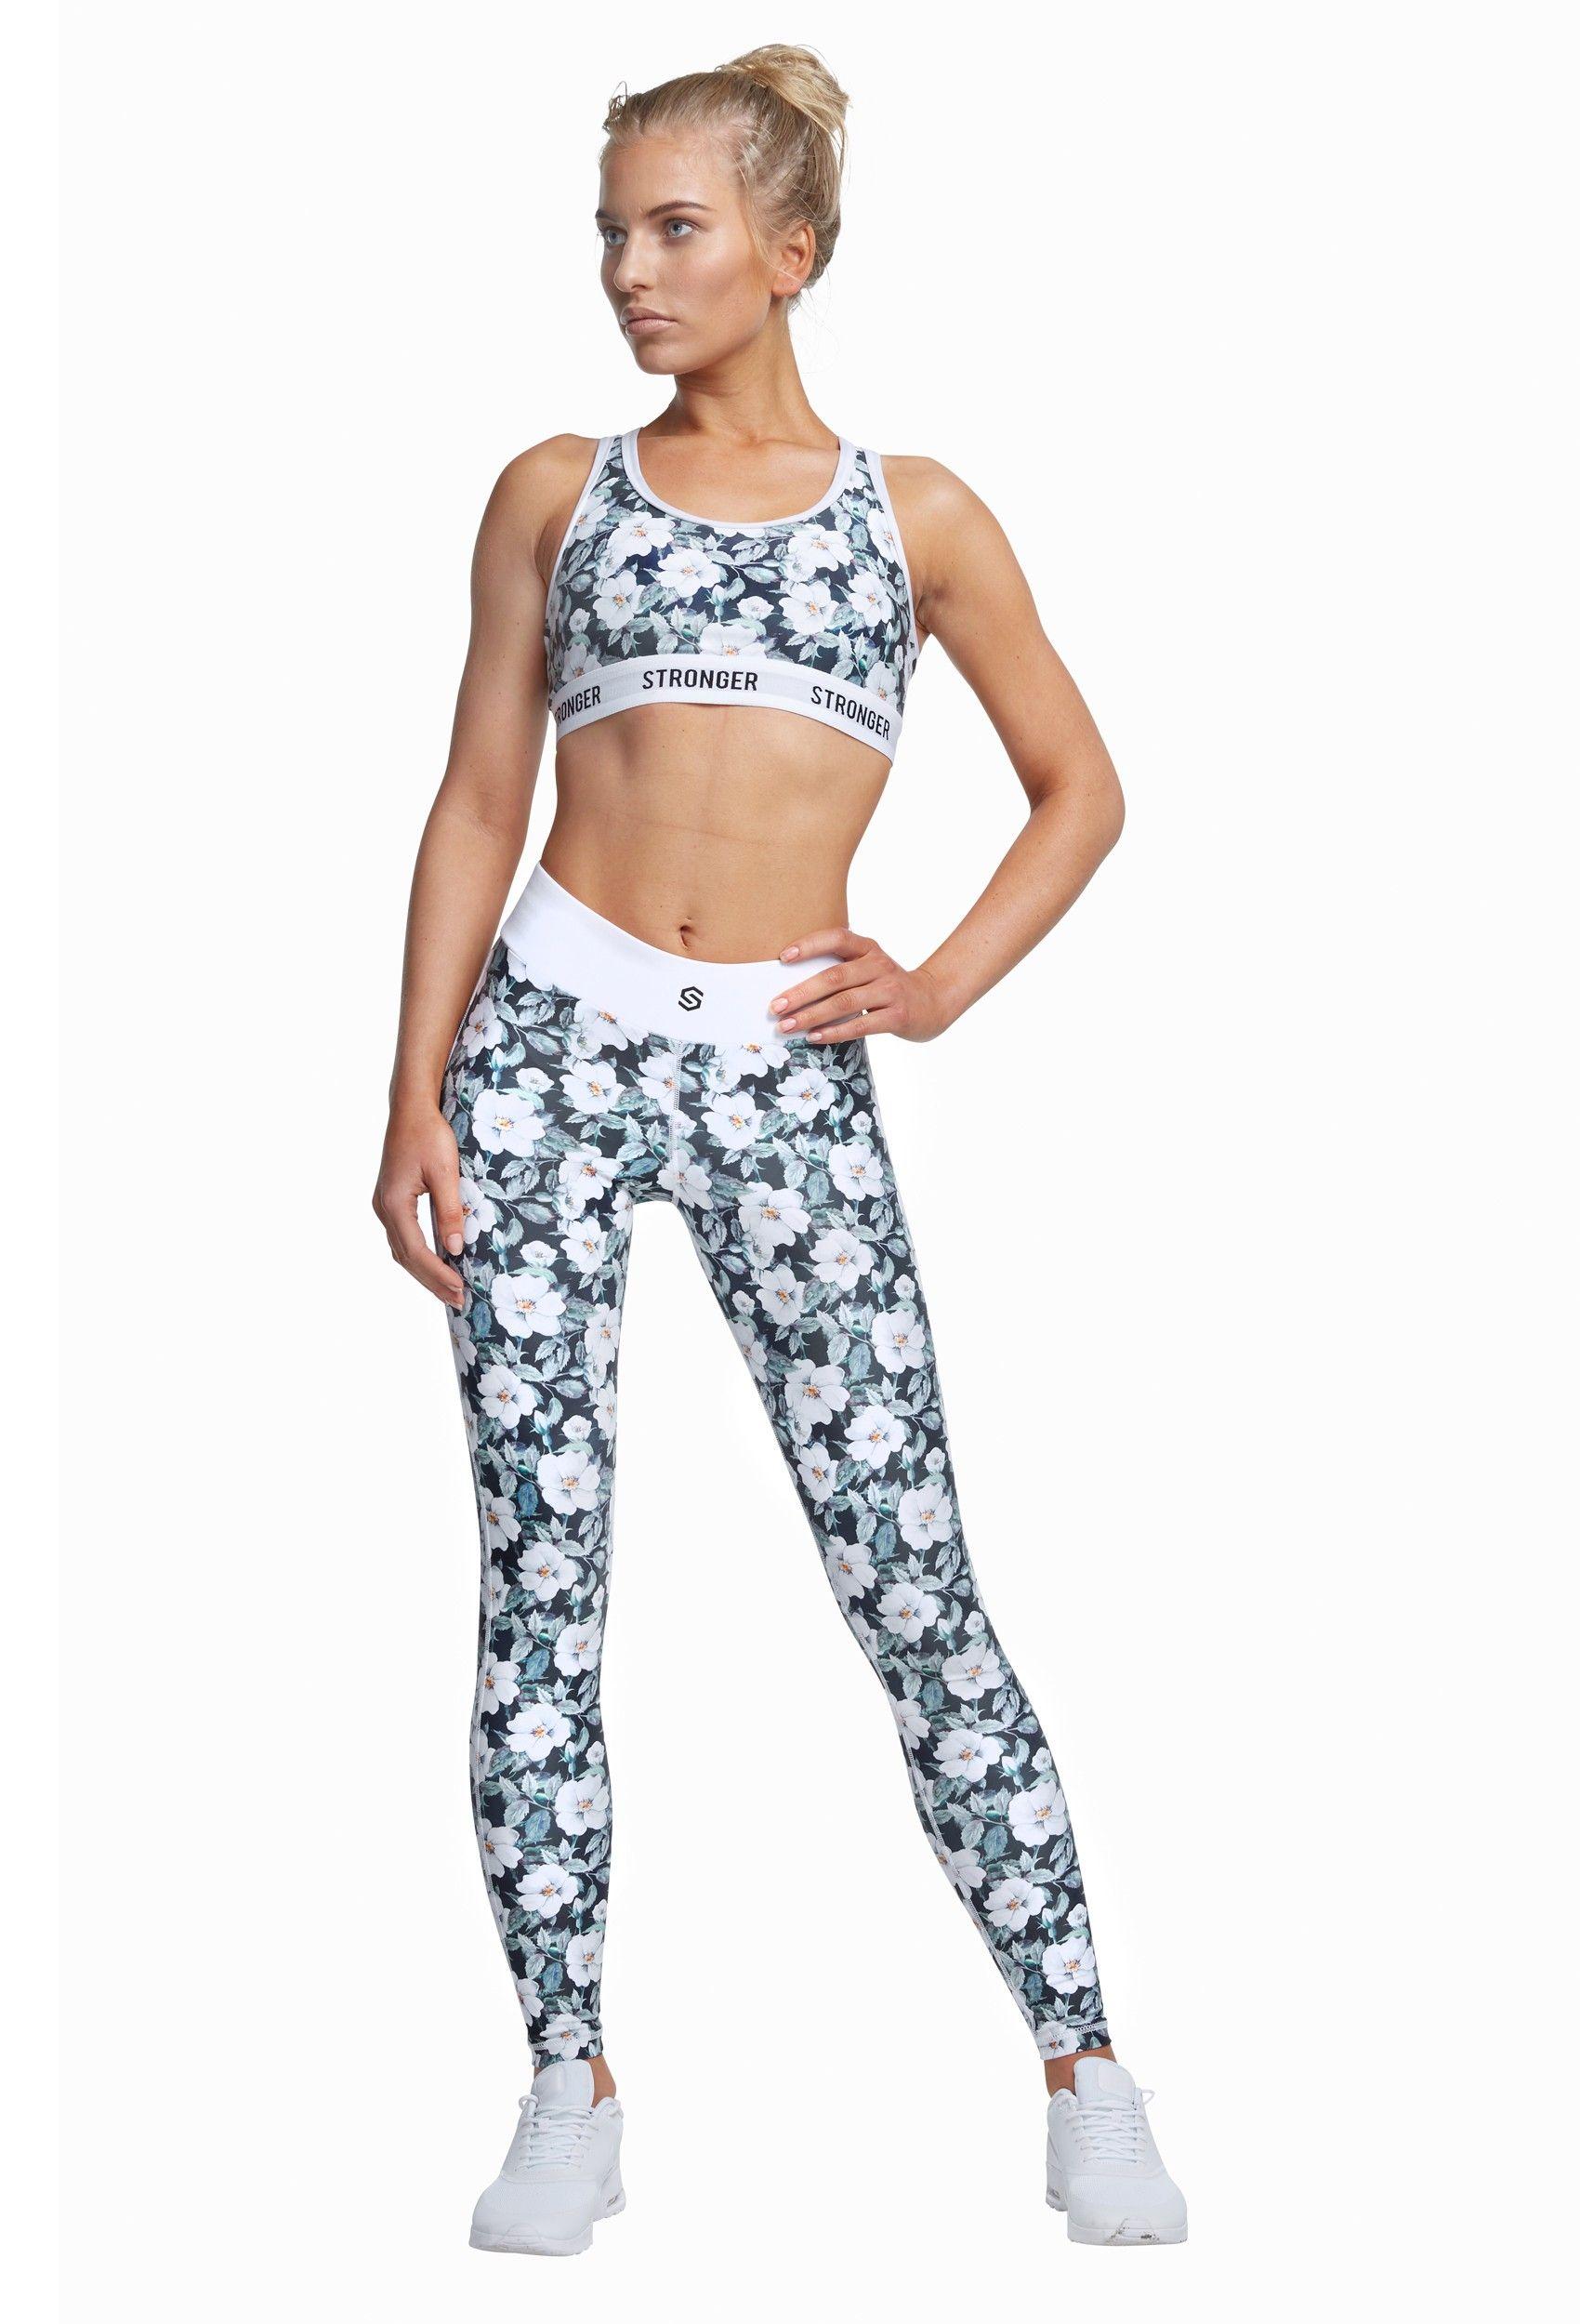 dcebcb8d22f8 Midsummer träningstights Tights, Nike, Behå, Workout, Byxor, Fitness, Kläder ,